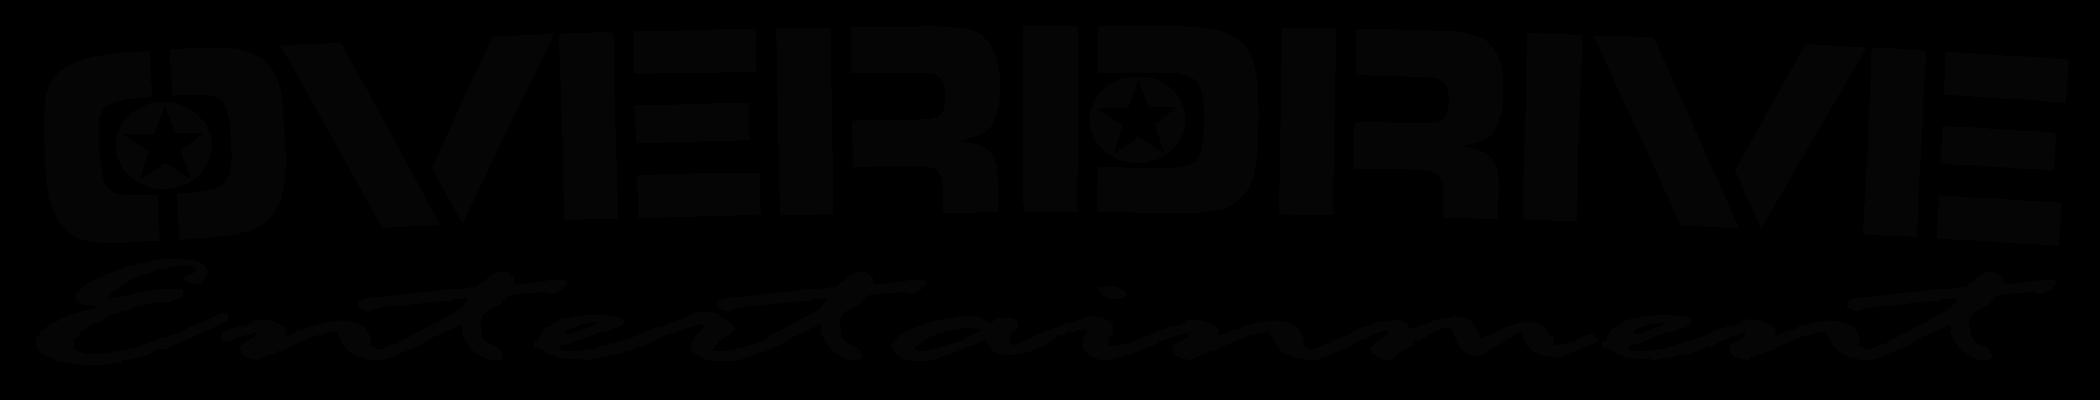 overdrive_logo_black.png